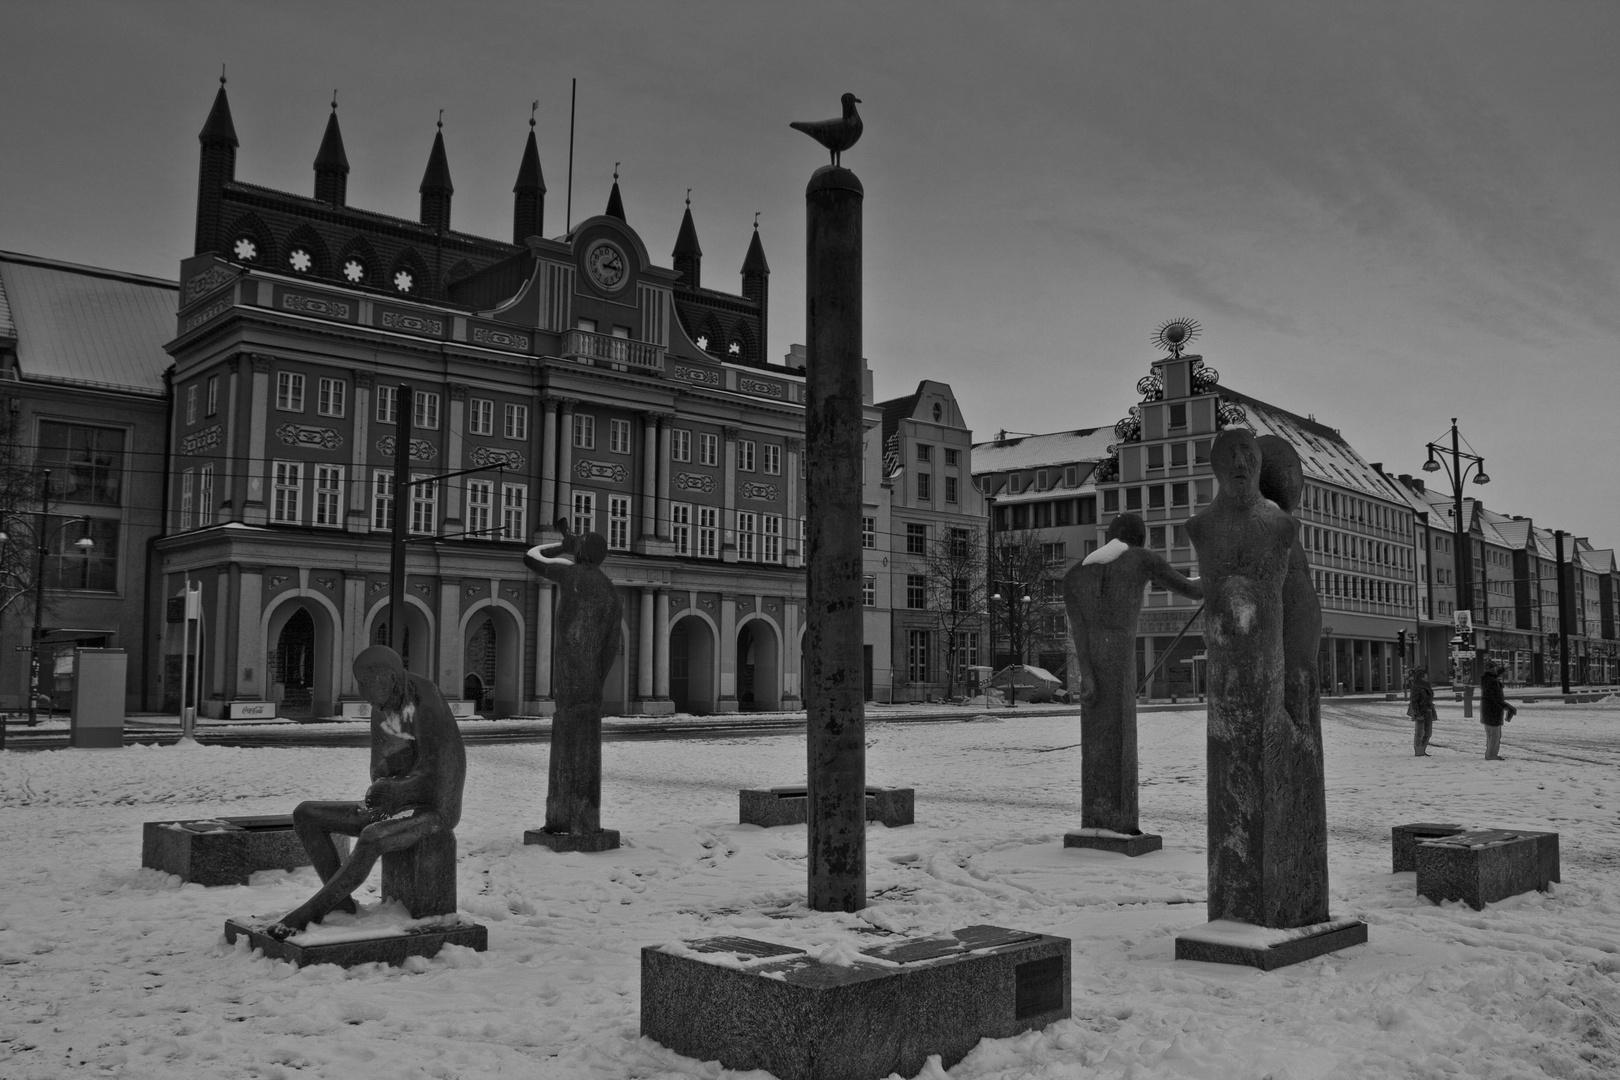 Rostocker Rathaus mit Brunnen